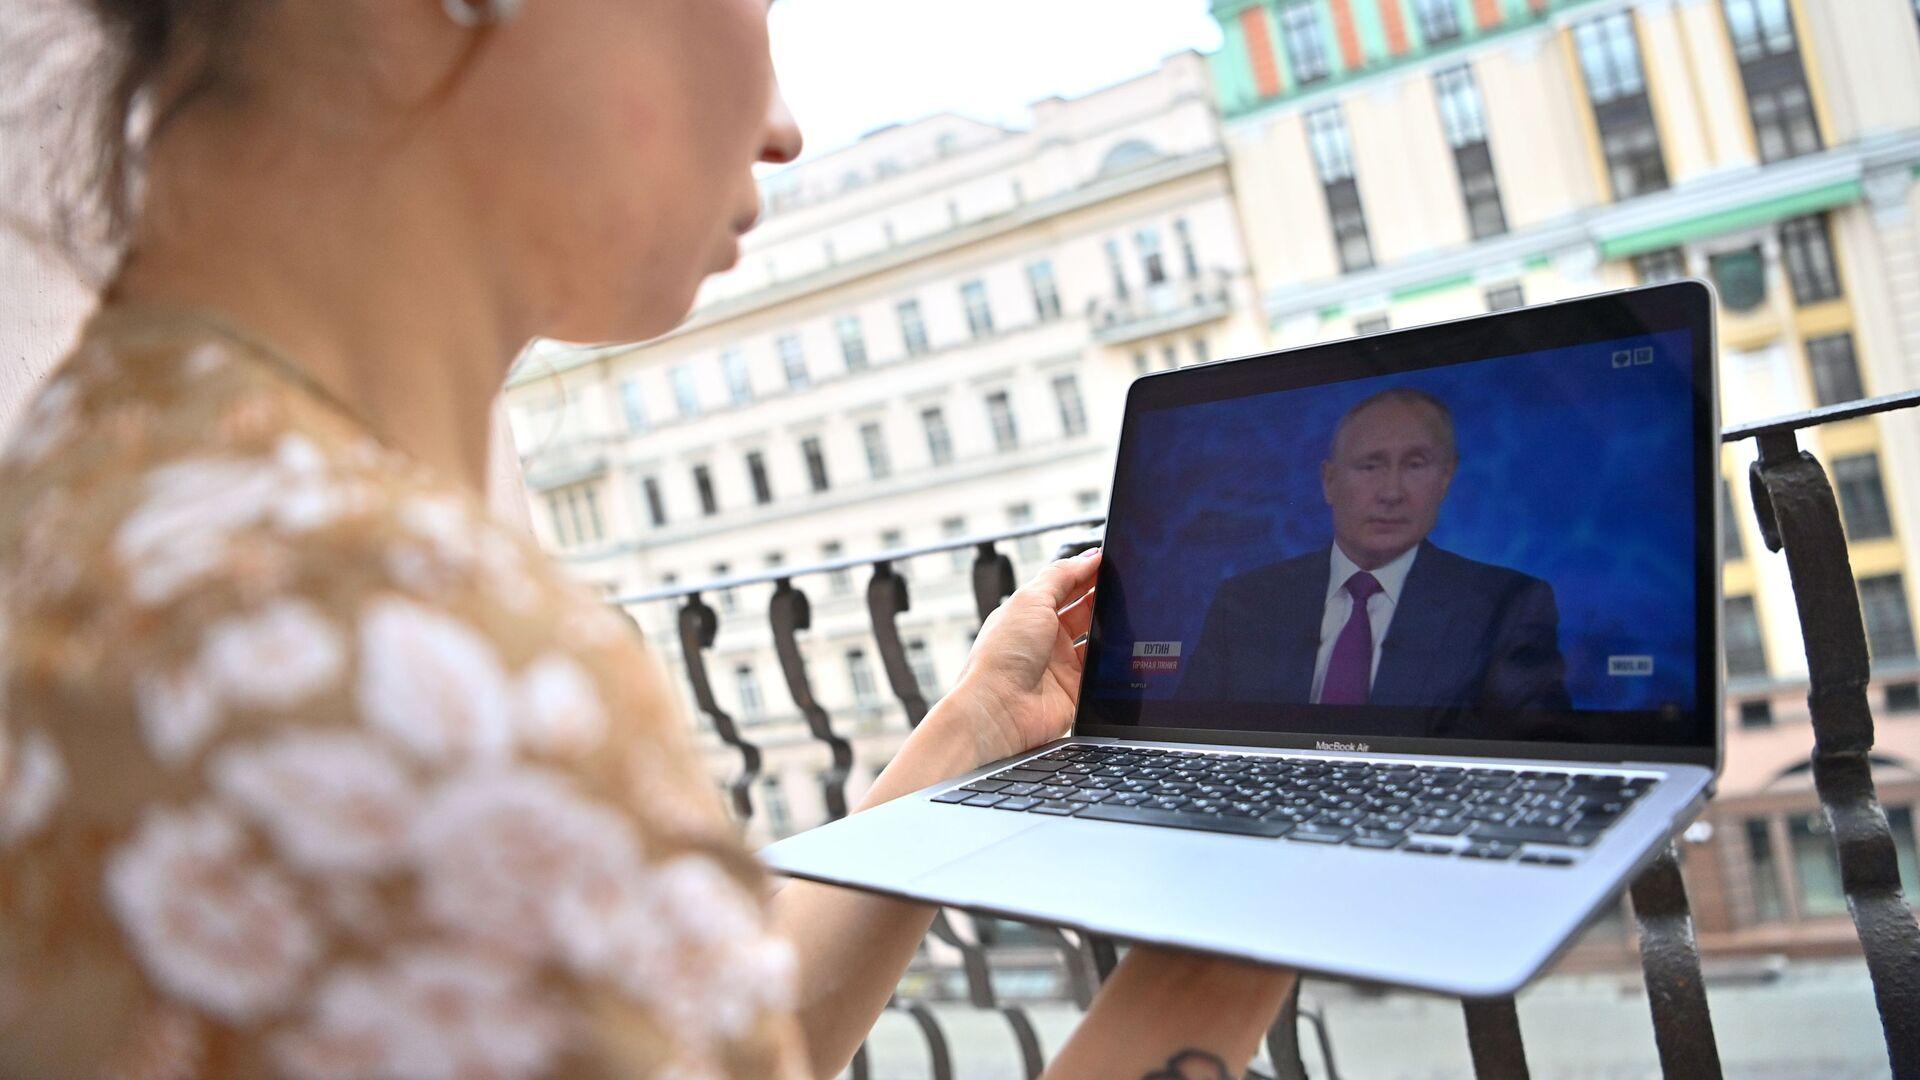 Трансляция прямой линии с президентом РФ В. Путиным - РИА Новости, 1920, 30.06.2021